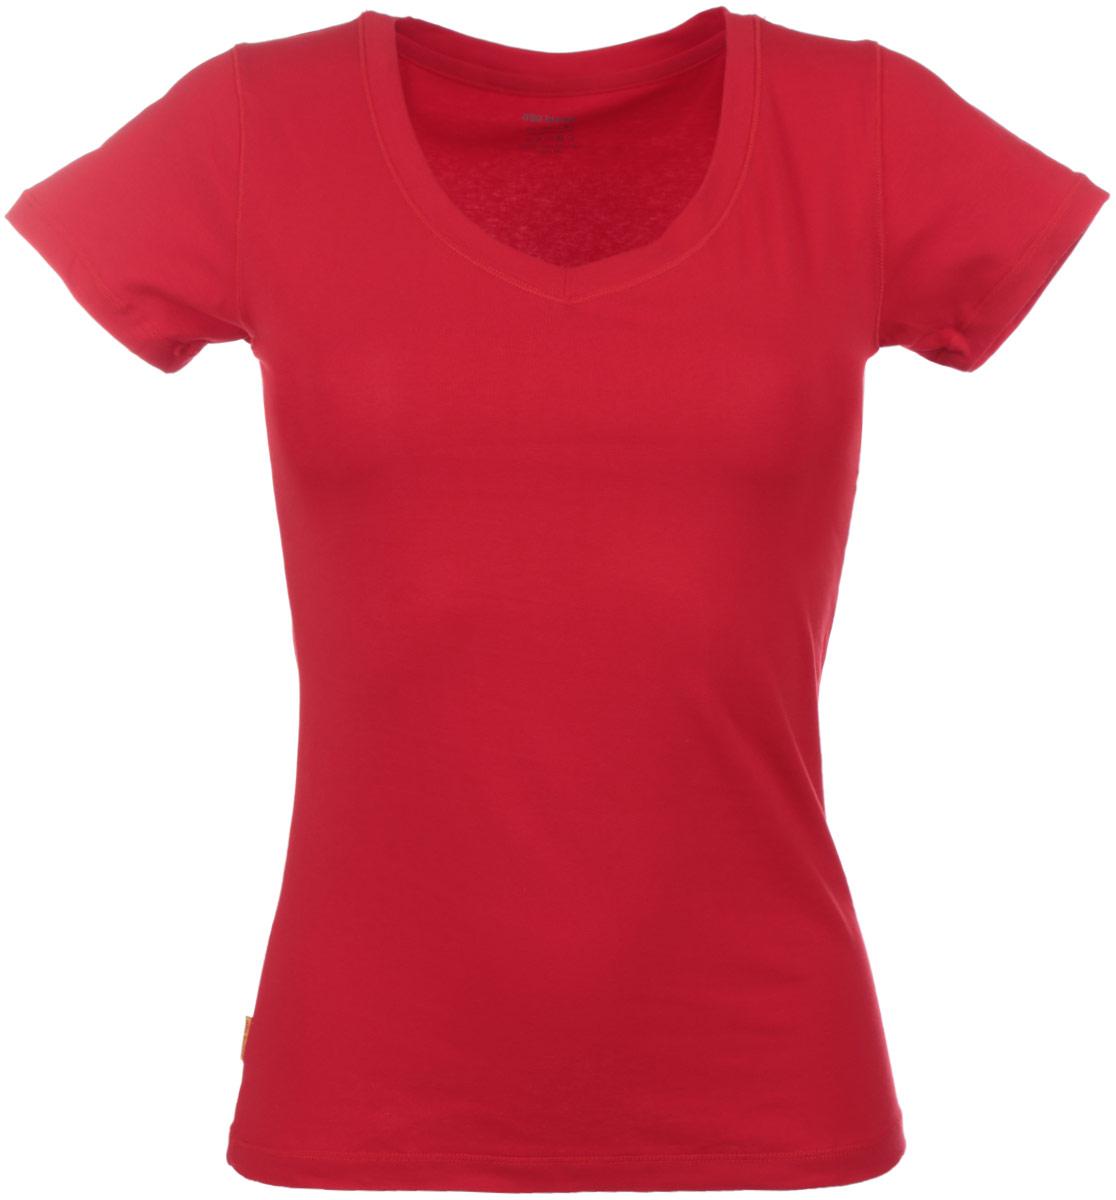 Футболка женская Alla Buone Liscio, цвет: красный. 7047. Размер M (44/46)7047Женская футболка Alla Buone Liscio, выполненная из эластичного хлопка, идеально подойдет для повседневной носки. Материал изделия мягкий, тактильно приятный, не сковывает движения и позволяет коже дышать.Футболка с V-образным вырезом горловины и короткими рукавами имеет слегка приталенный силуэт. Вырез горловины оформлен мягкой окантовочной лентой. Изделие дополнено фирменным логотипом, вшитым в боковой шов.Такая модель будет дарить вам комфорт в течение всего дня и станет отличным дополнением к вашему гардеробу.